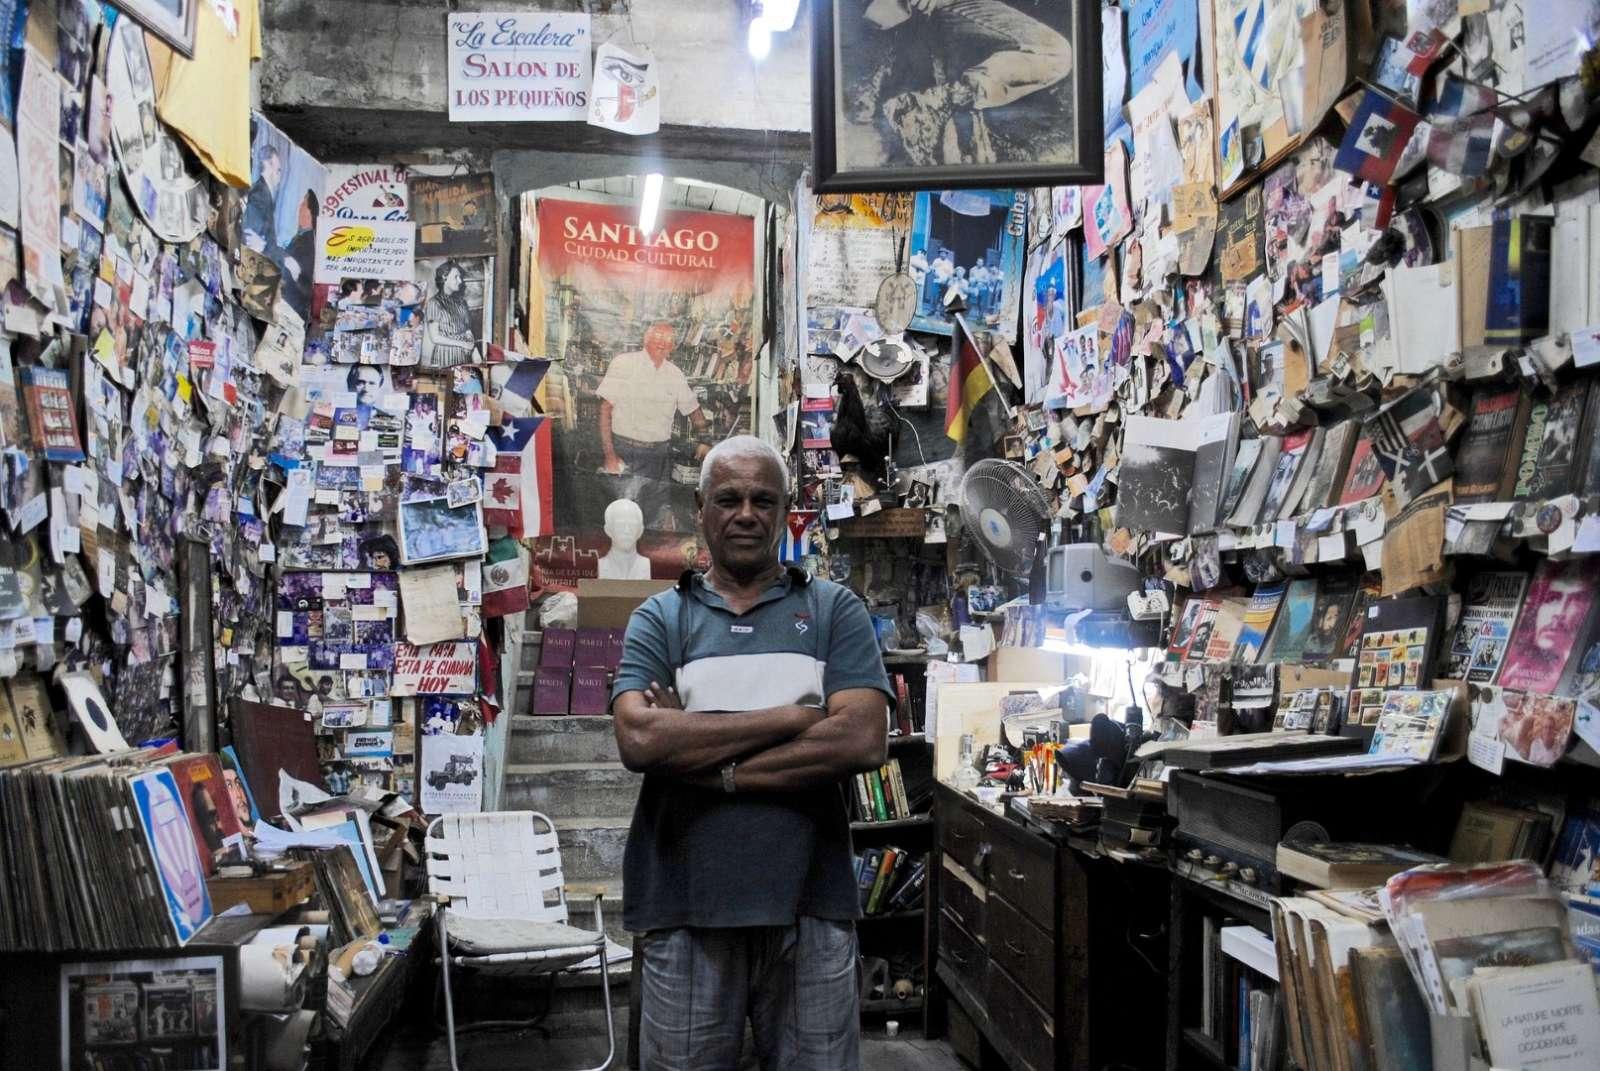 Man in shop, Santiago de Cuba